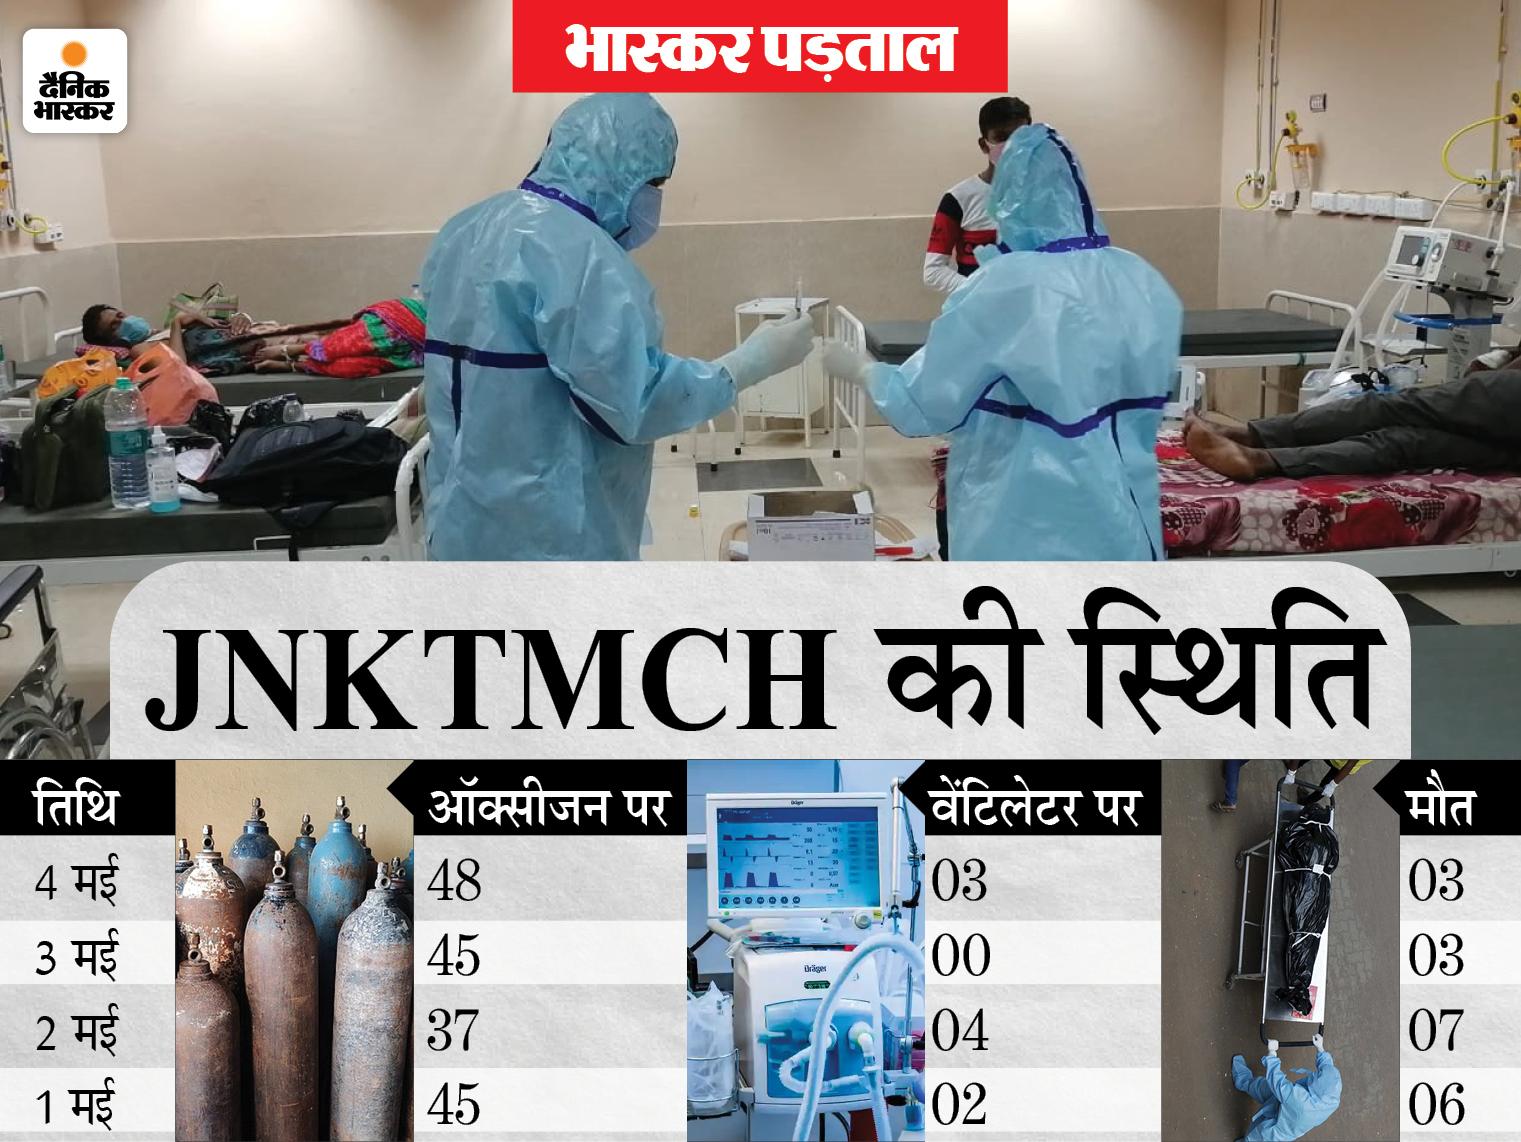 JNKTMCH के वेंटिलेटर में संक्रमित की देखरेख डॉक्टर की जगह परिजन ही कर रहे हैं। - Dainik Bhaskar